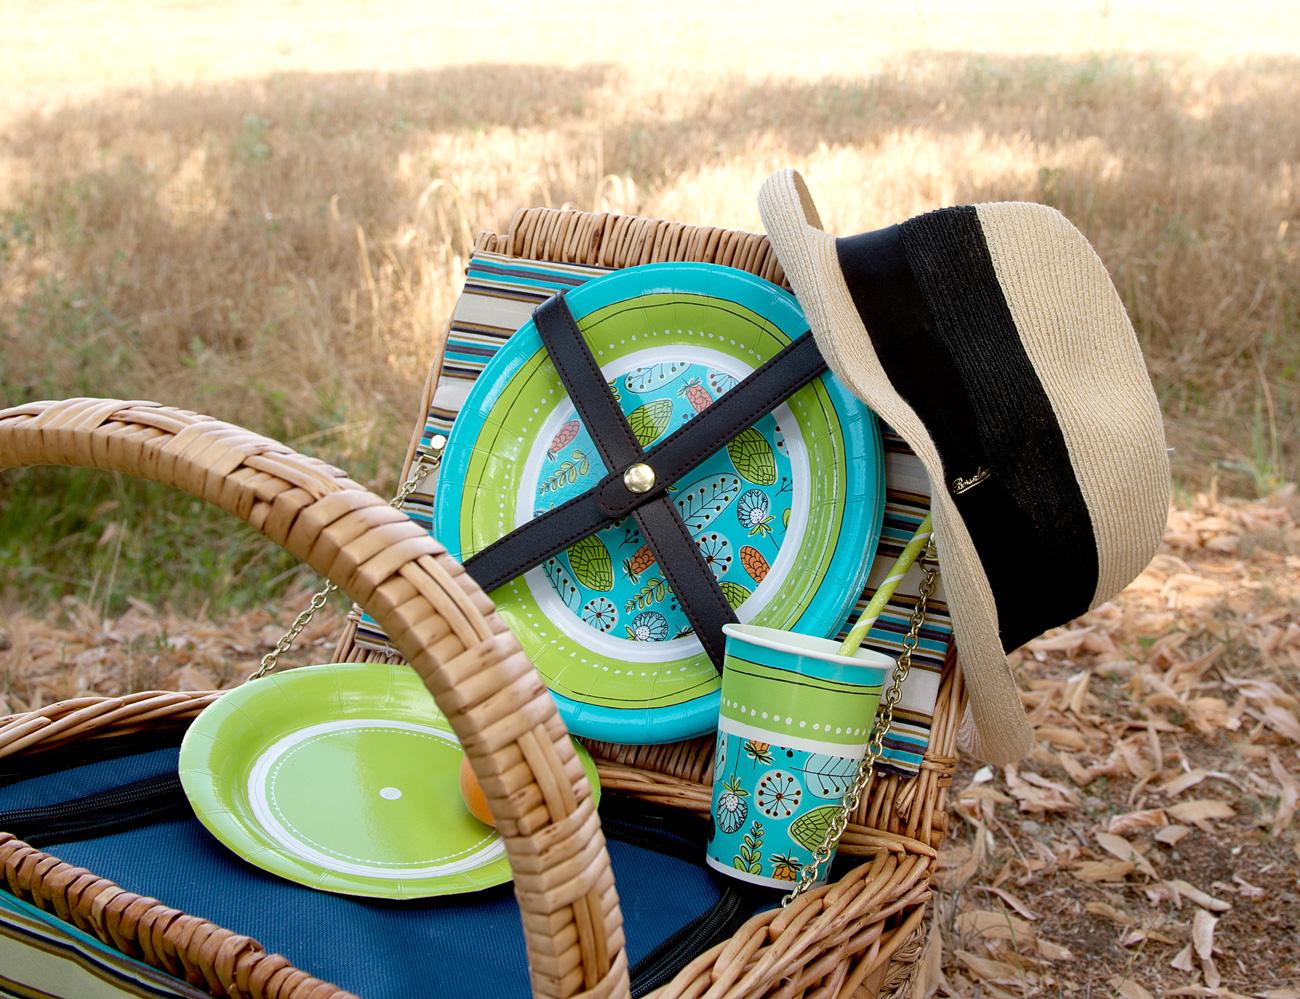 party-garden-picnic-mago-blog.jpg